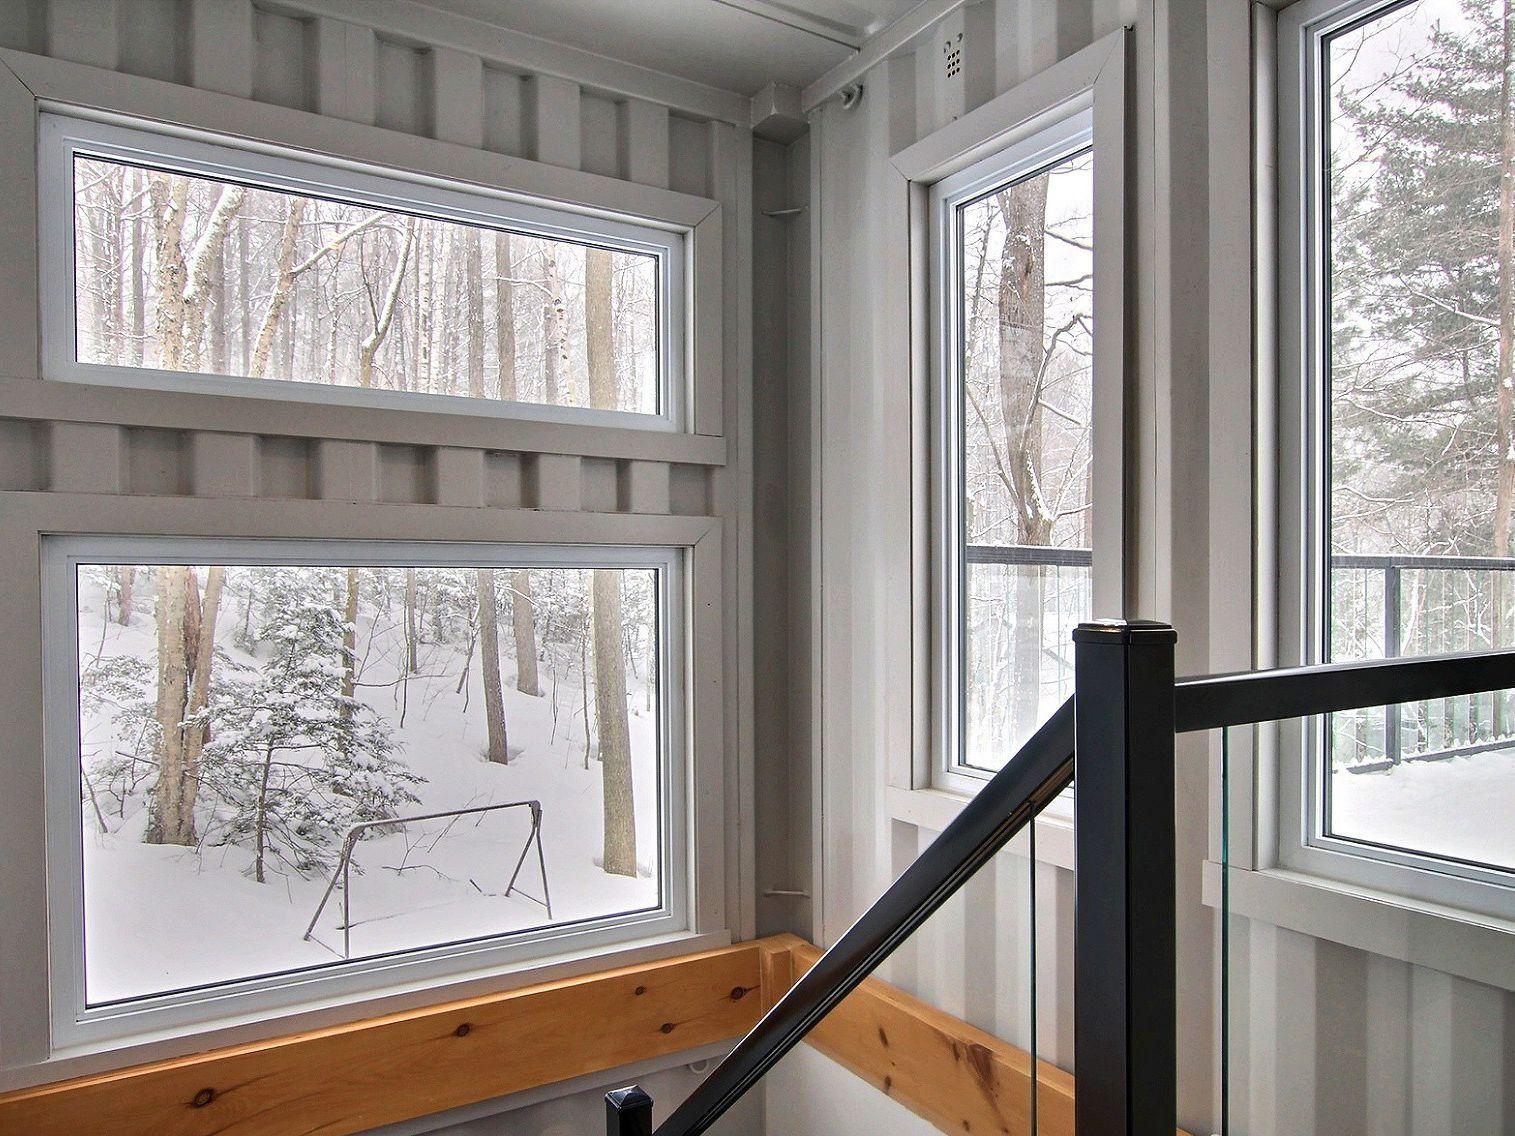 escalier-maison-a-un-etage-et-demi-a-vendre-rigaud-quebec-province-1600-8478619.jpg